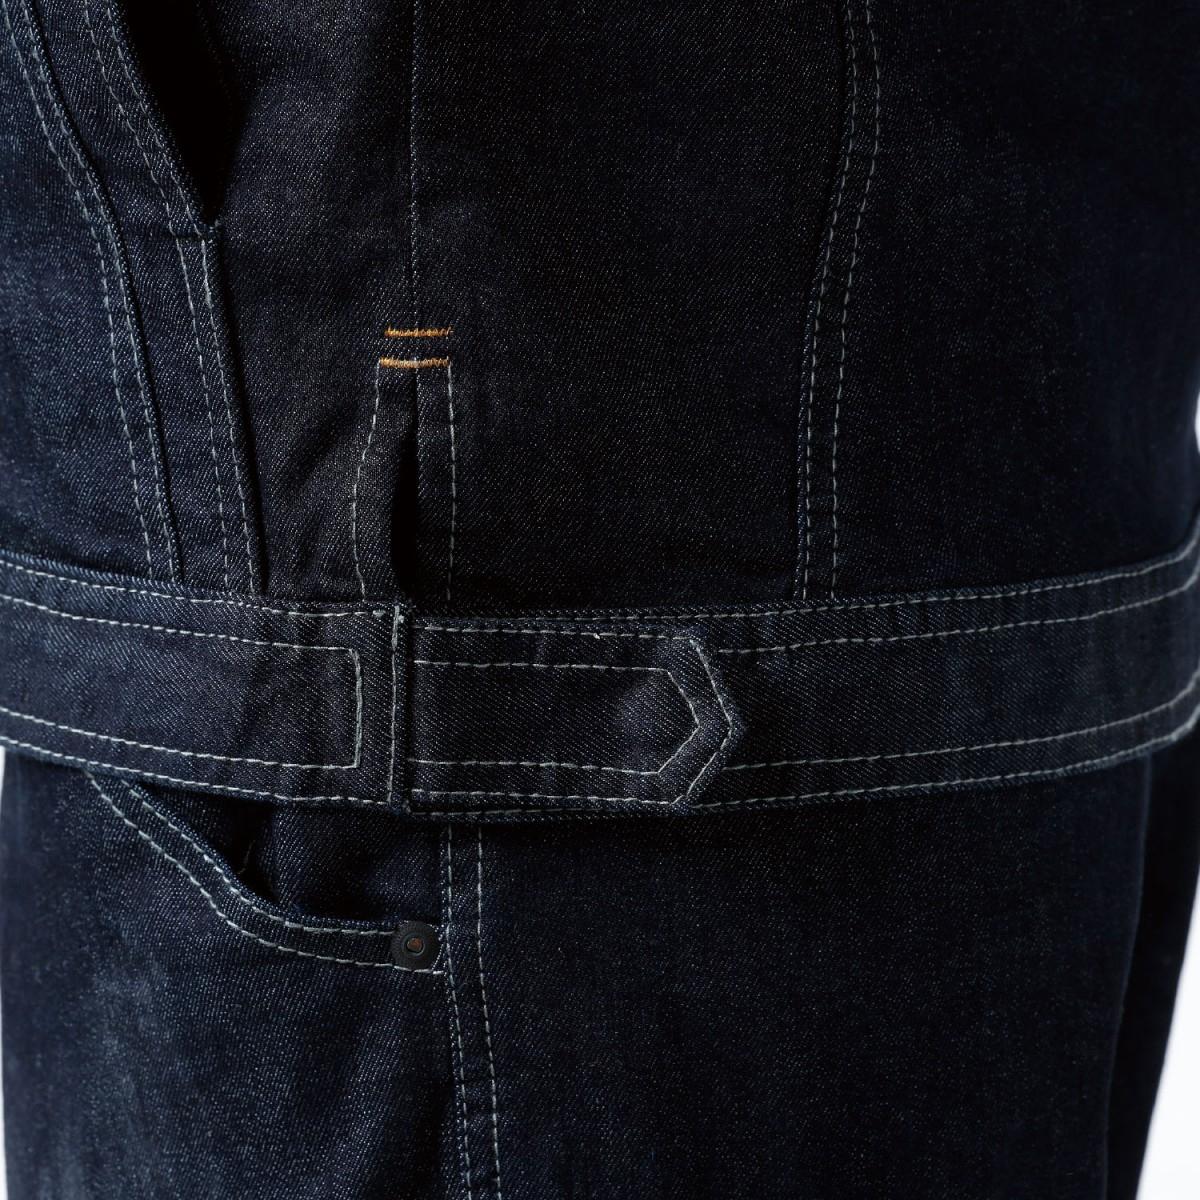 TS DESIGN 5116 ジャケット ¥5,940(税込)ウエストアジャスターで、ジャケットの裾が調節可能です。